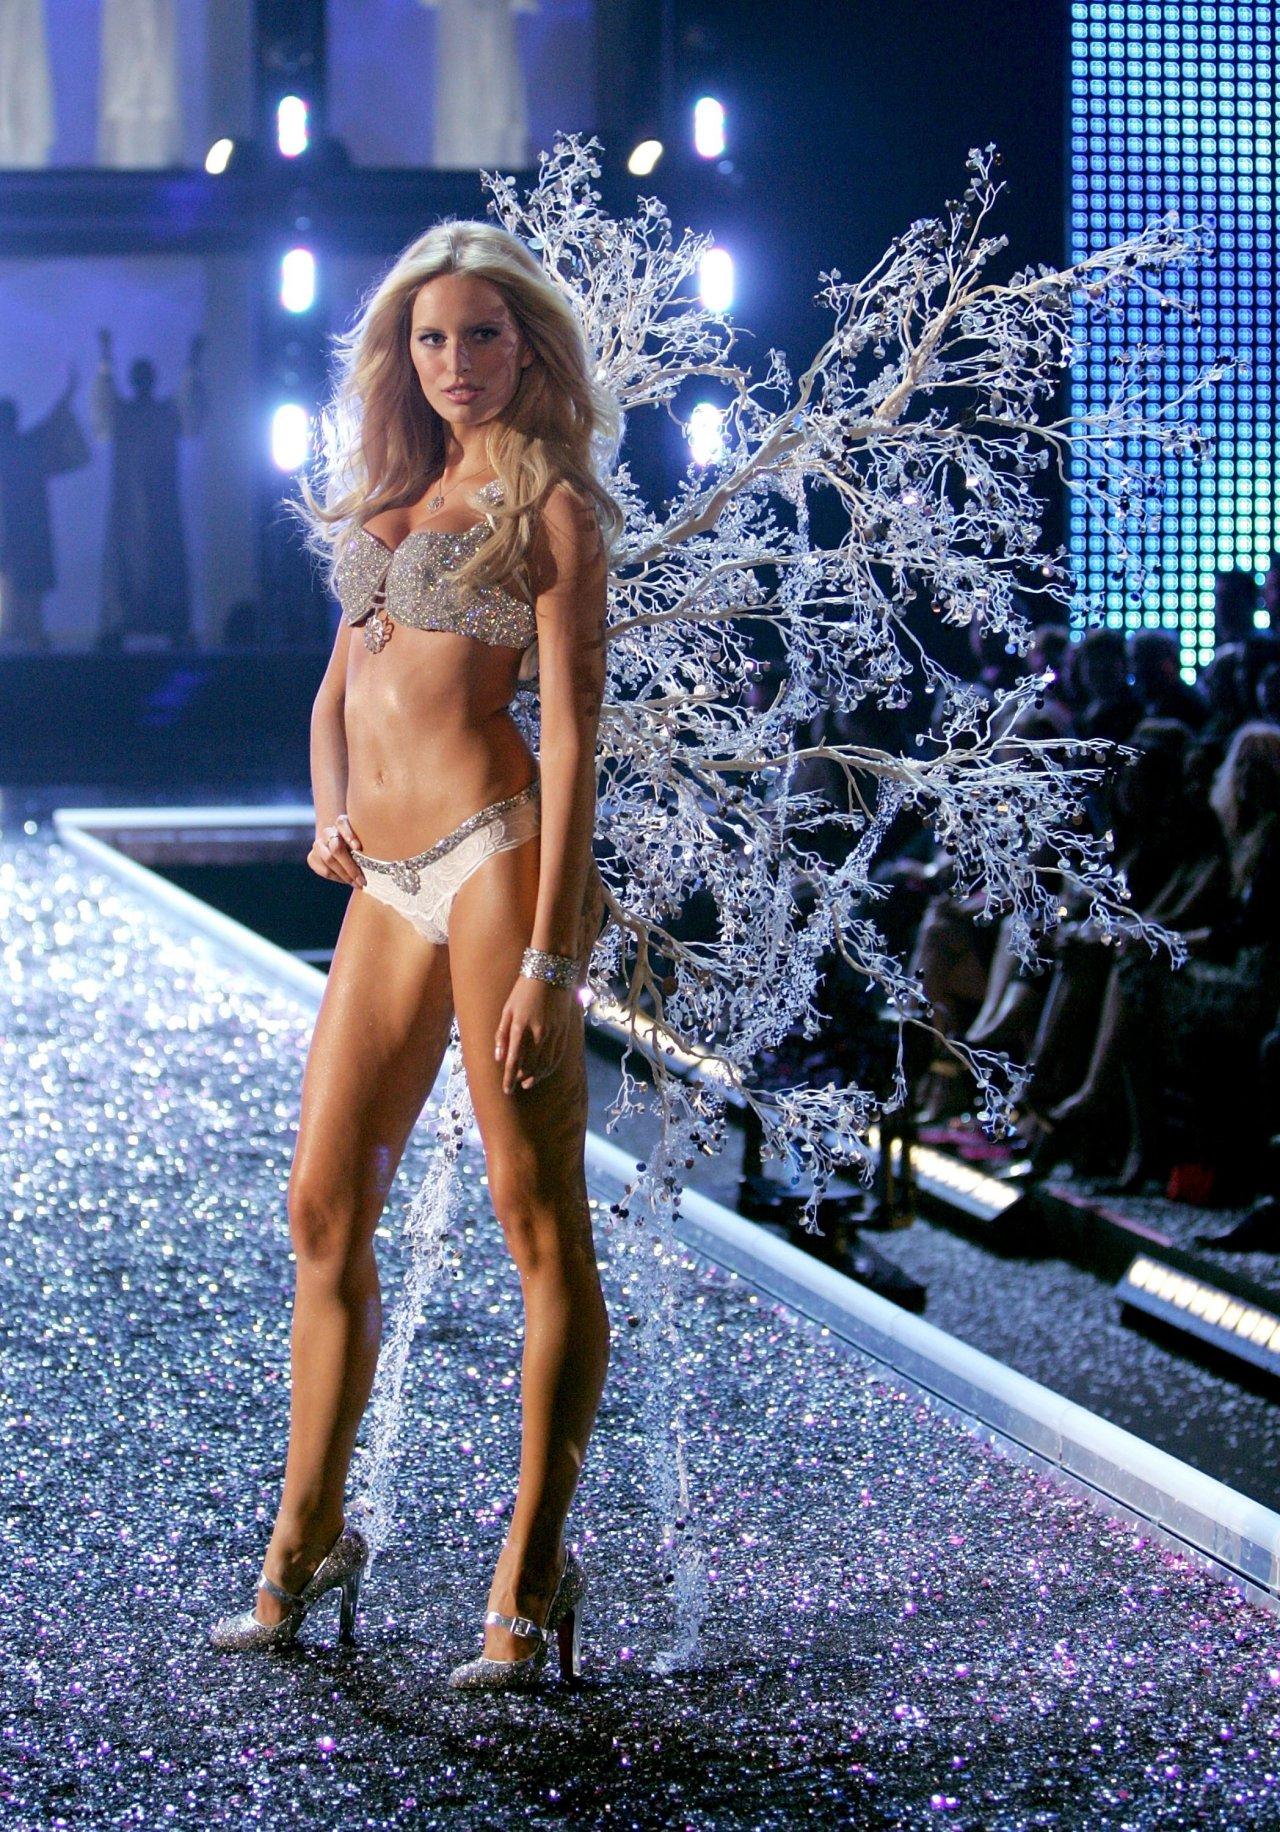 Karolina Kurkova in a bikini